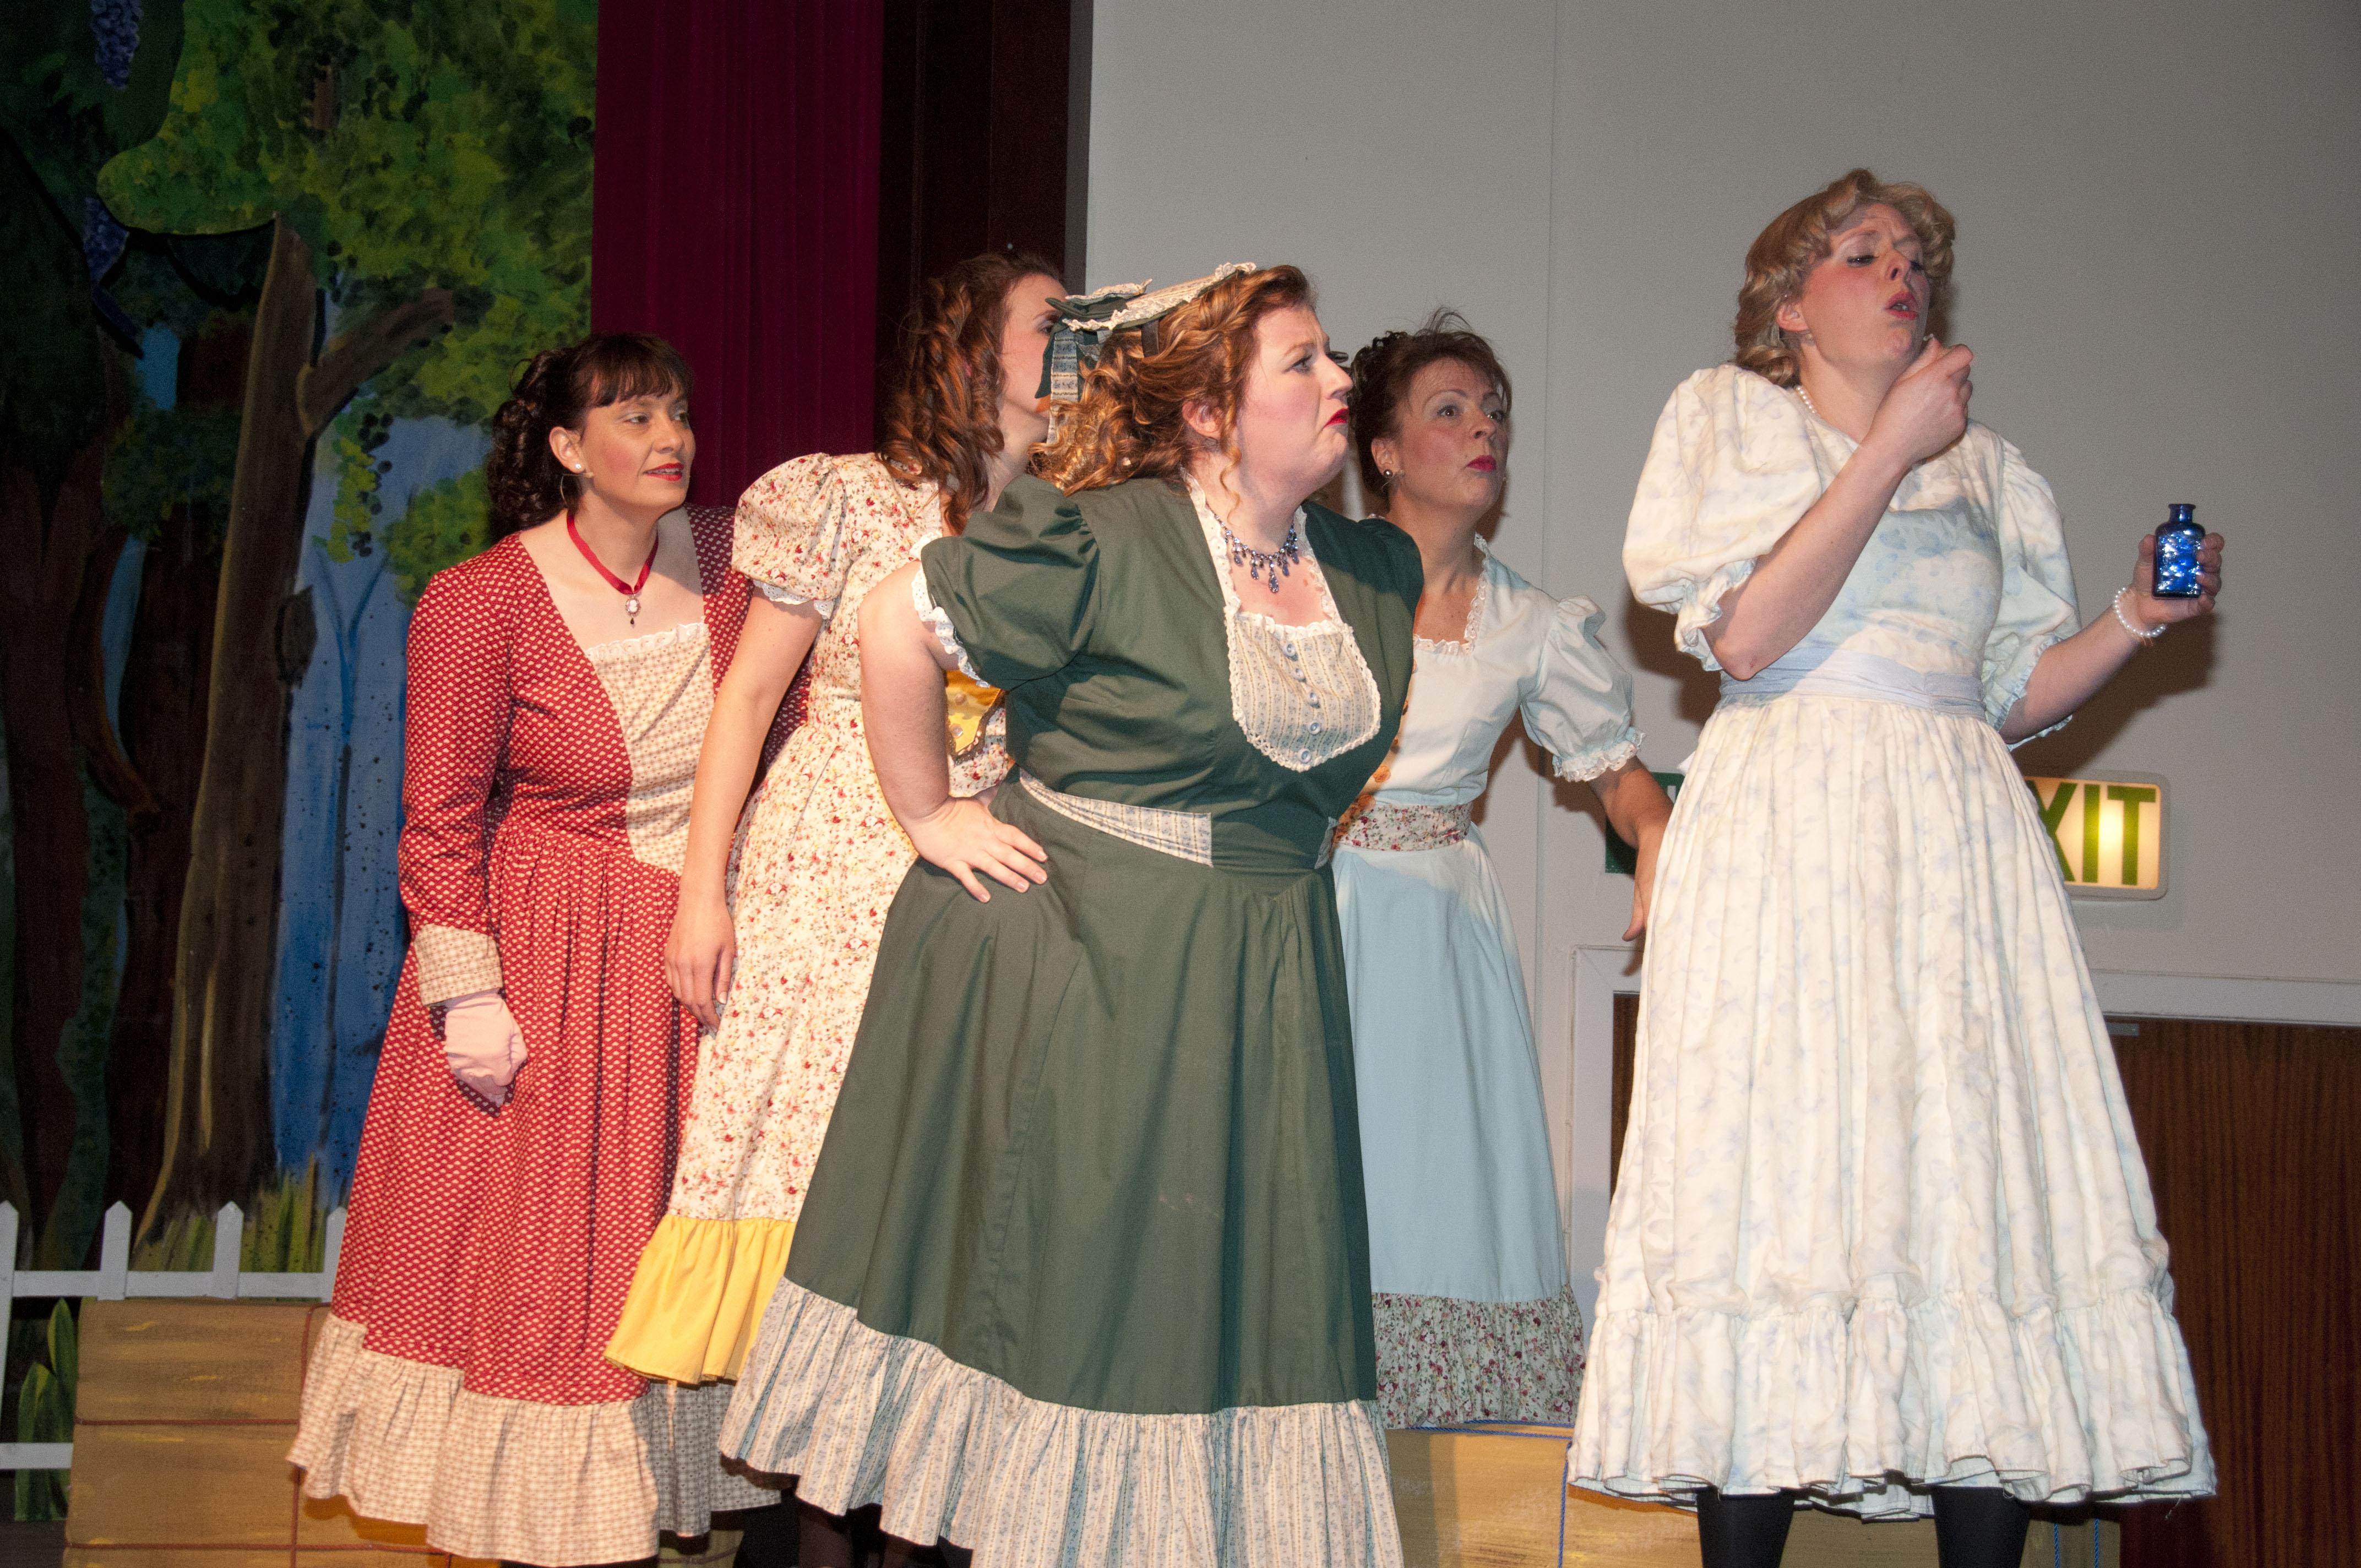 Gertie, Laurey & Girls